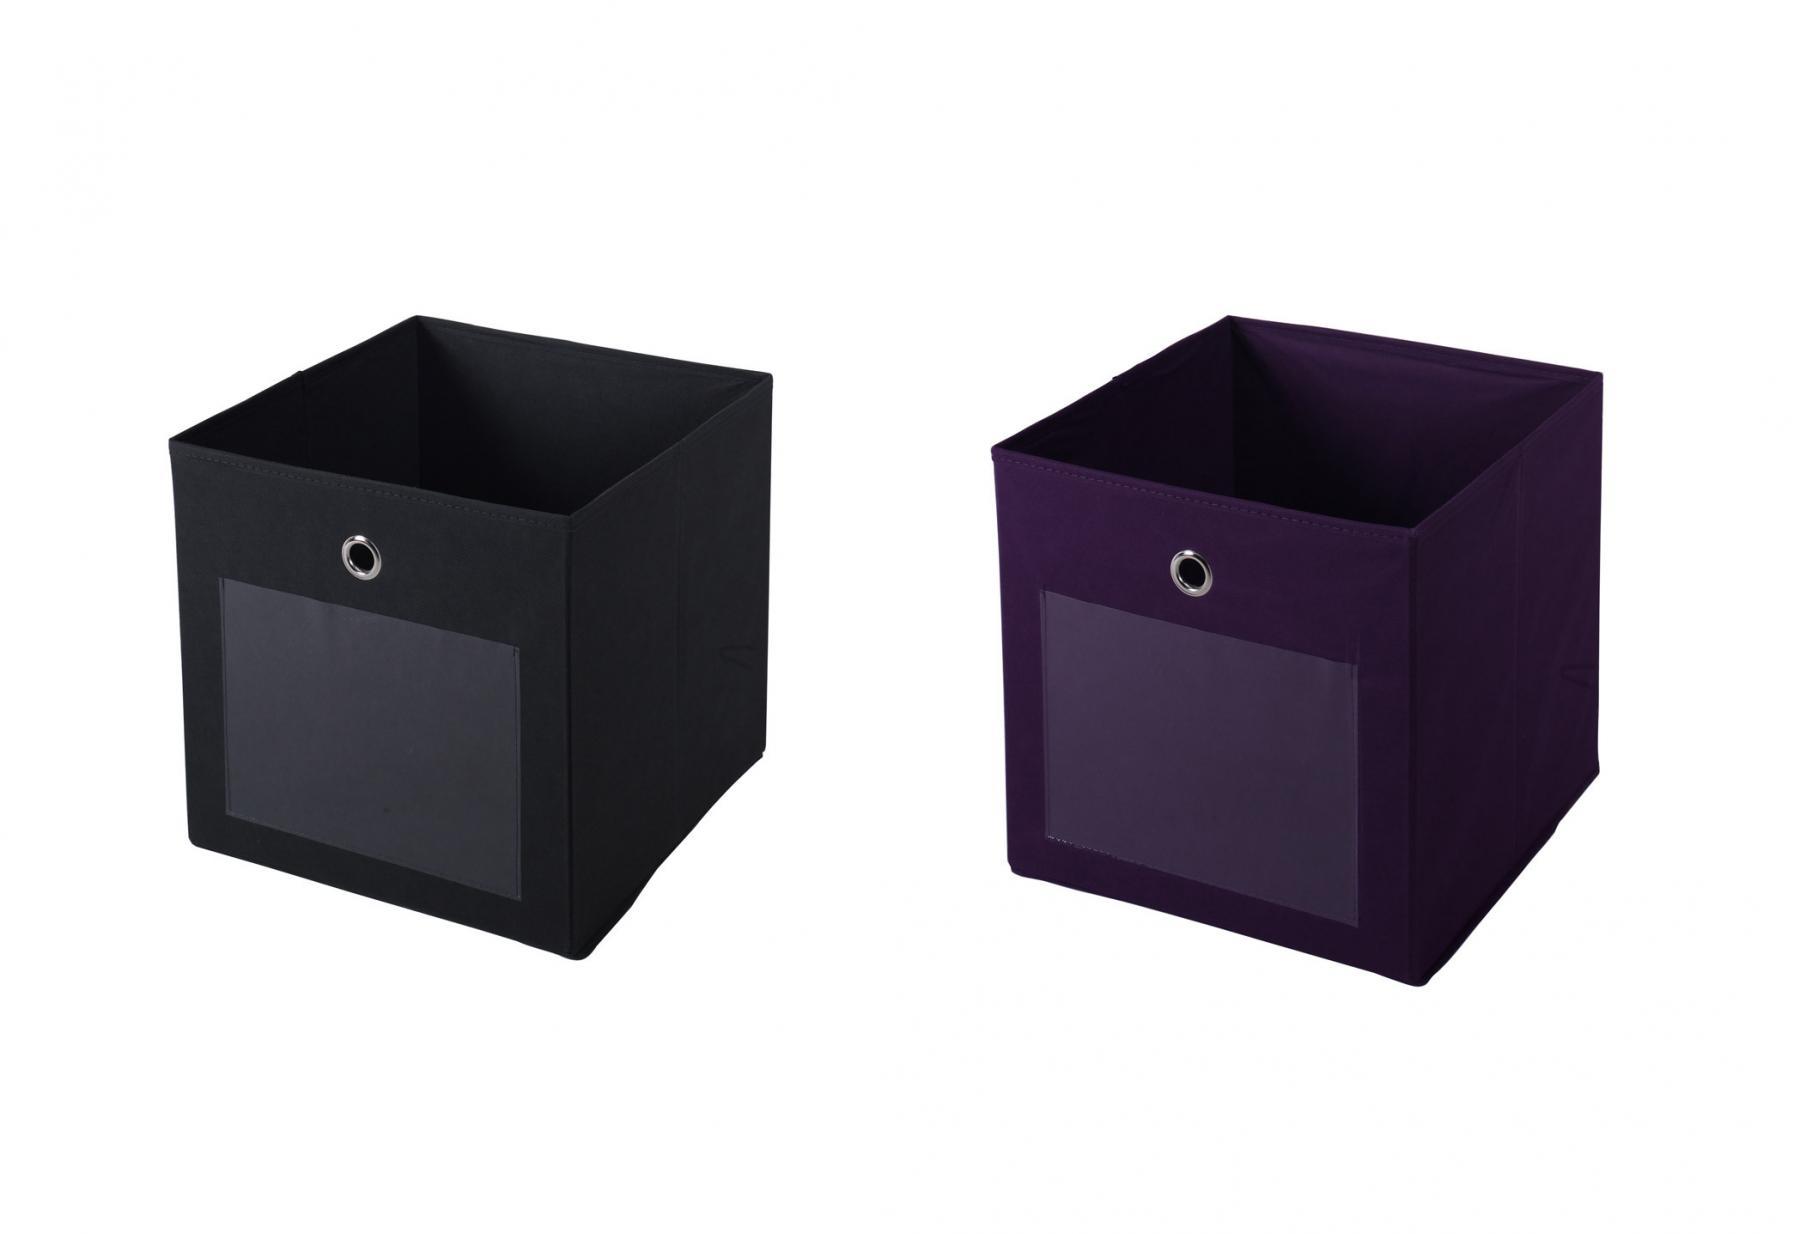 ordnungsboxen fabio violett grau 2er set aufbewahrungsbox stoff aufbewahrungskorb faltbar. Black Bedroom Furniture Sets. Home Design Ideas